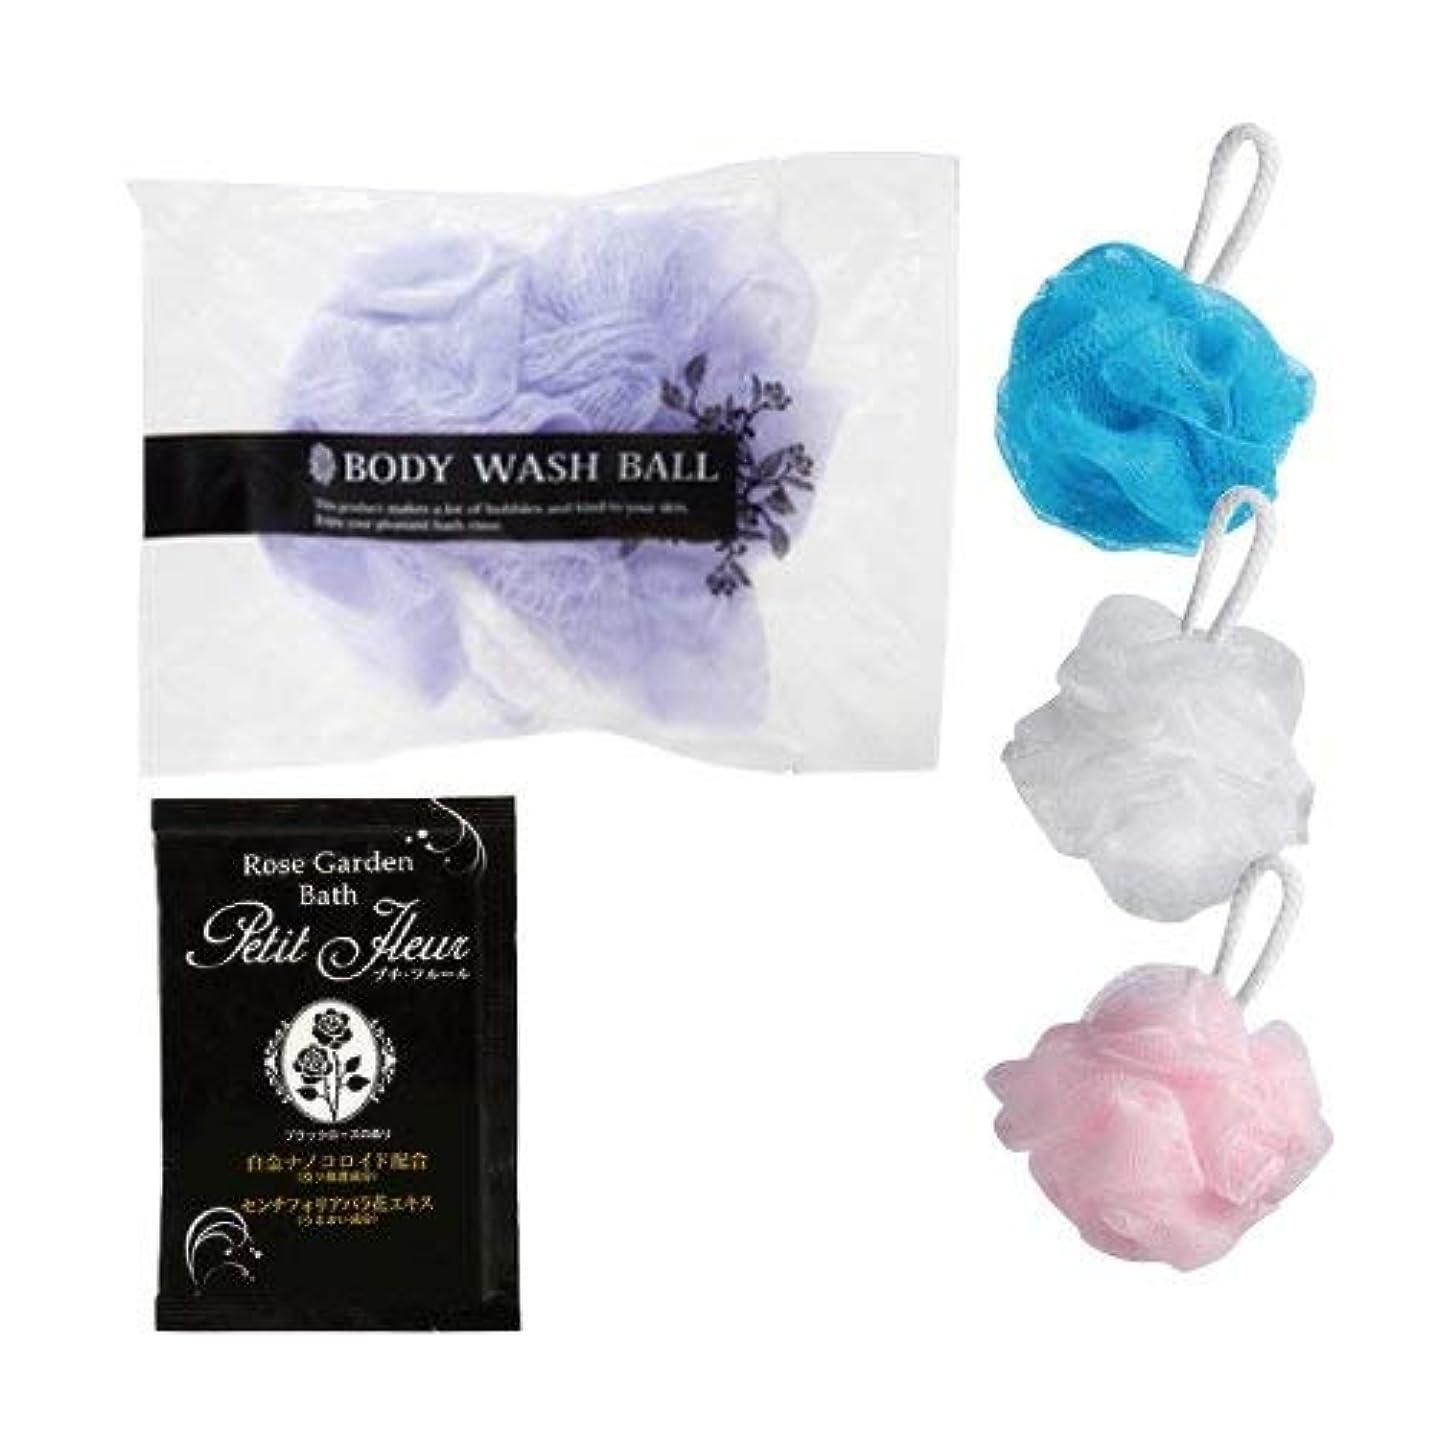 背景家事をするボートボディウォッシュボール 個包装 (4色アソート) 4個 + 入浴剤プチフルール(1回分) - BODY WASH BALL